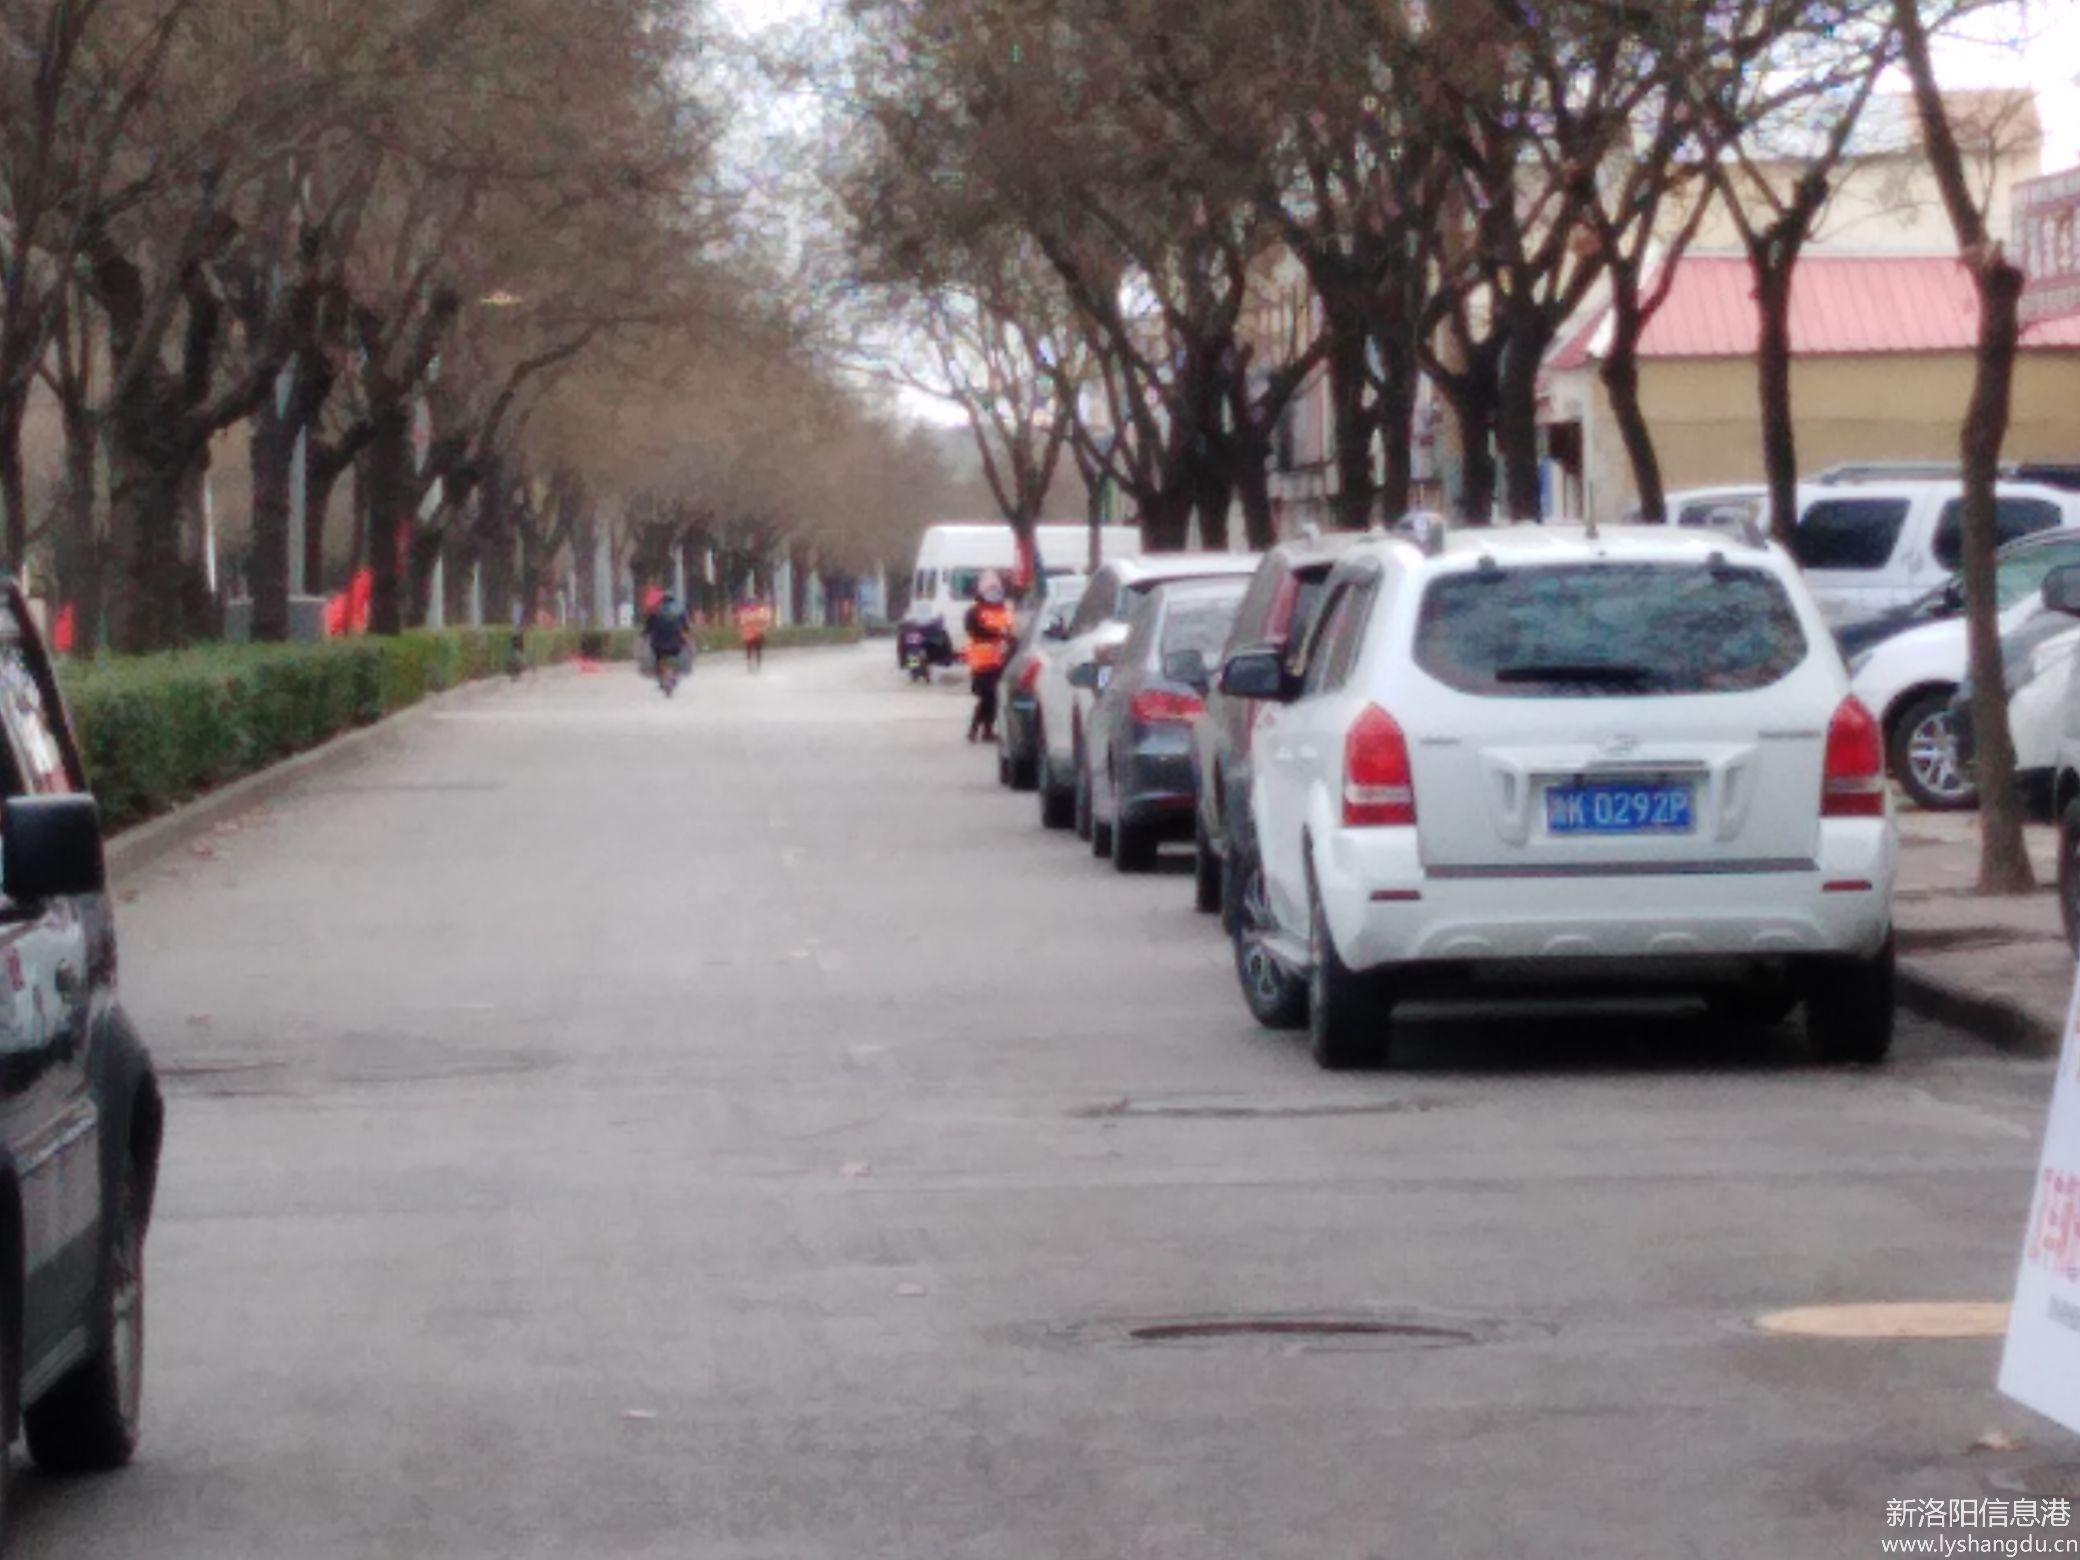 老城区道南路慢车道上有严重违章停车60辆